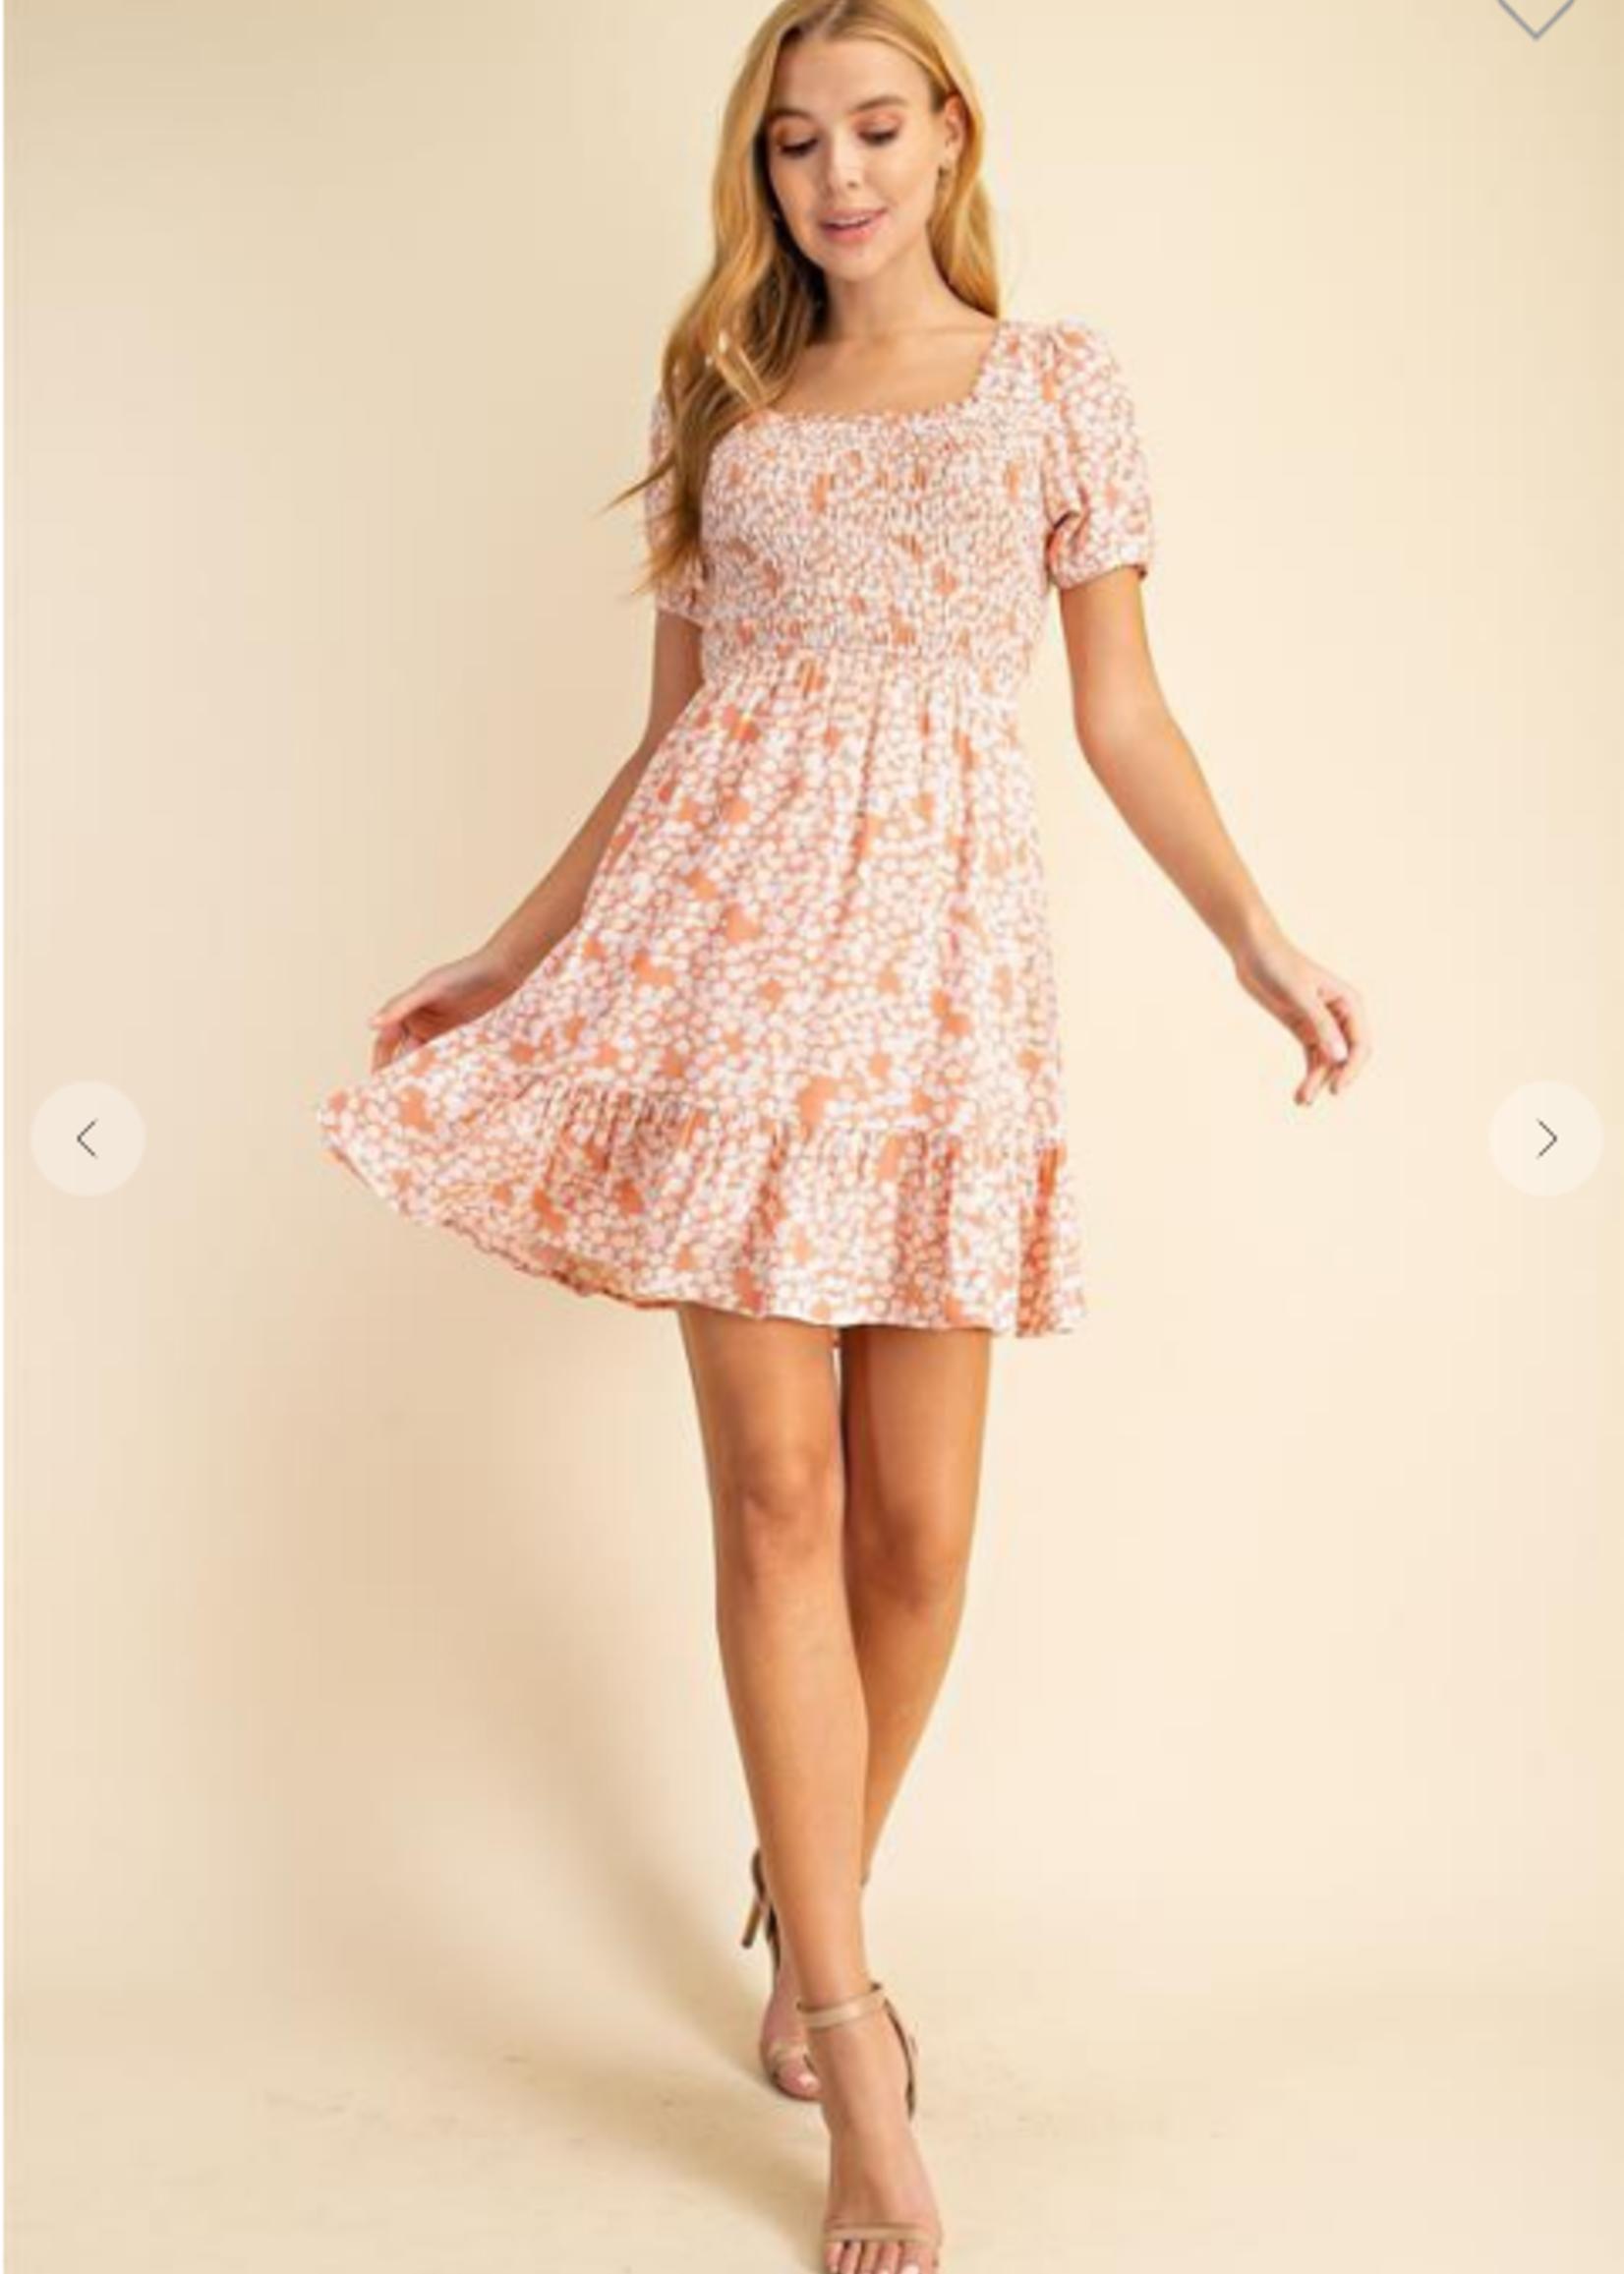 Floral Smocked Dress - Coral